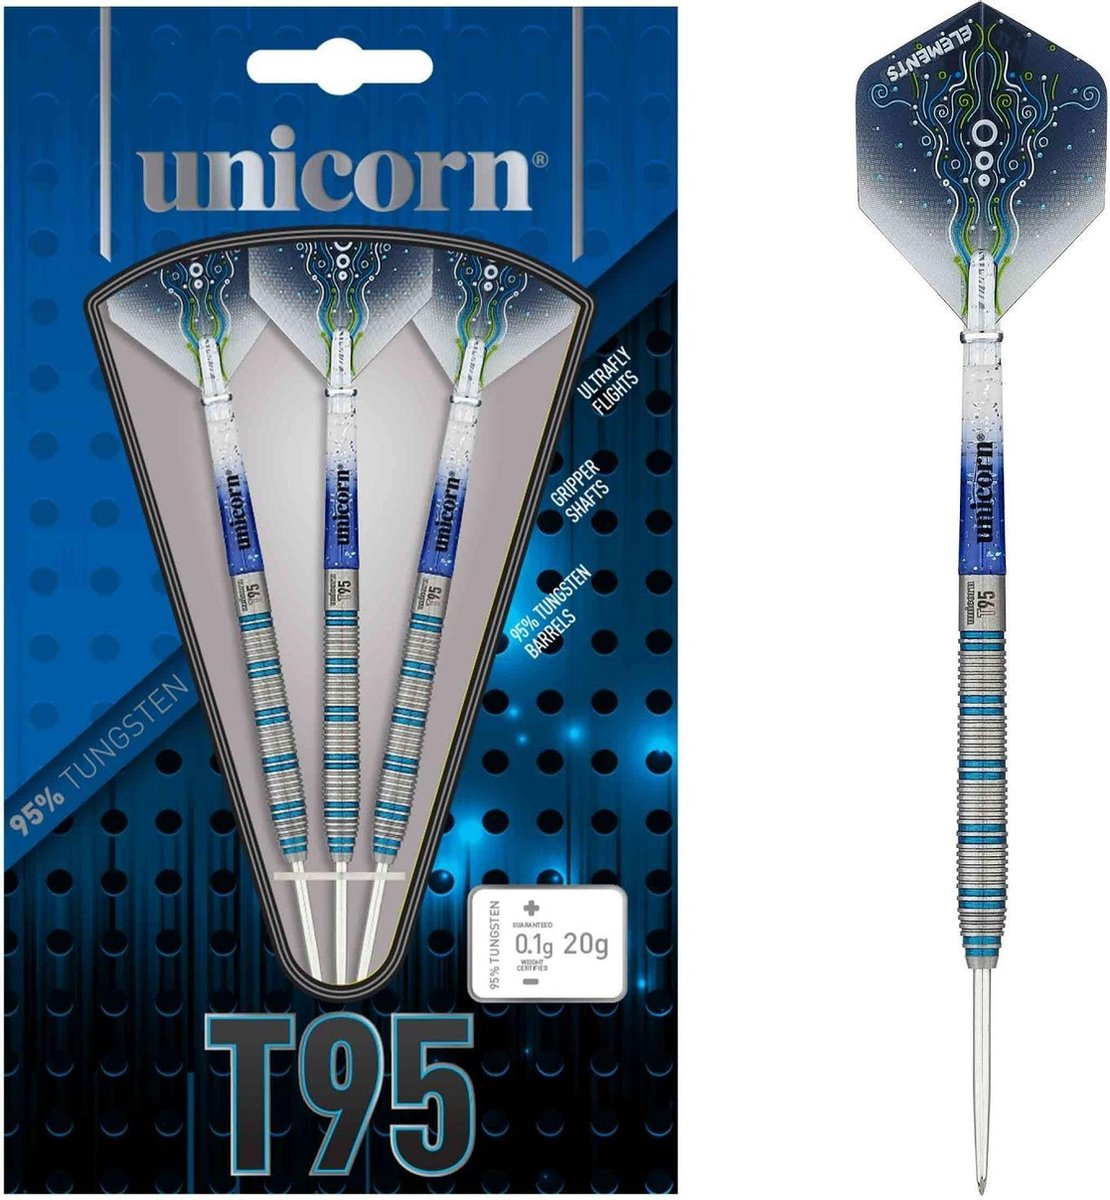 Unicorn Dartpijlen Core Xl T95 Steeltip 20g Tungsten Zilver